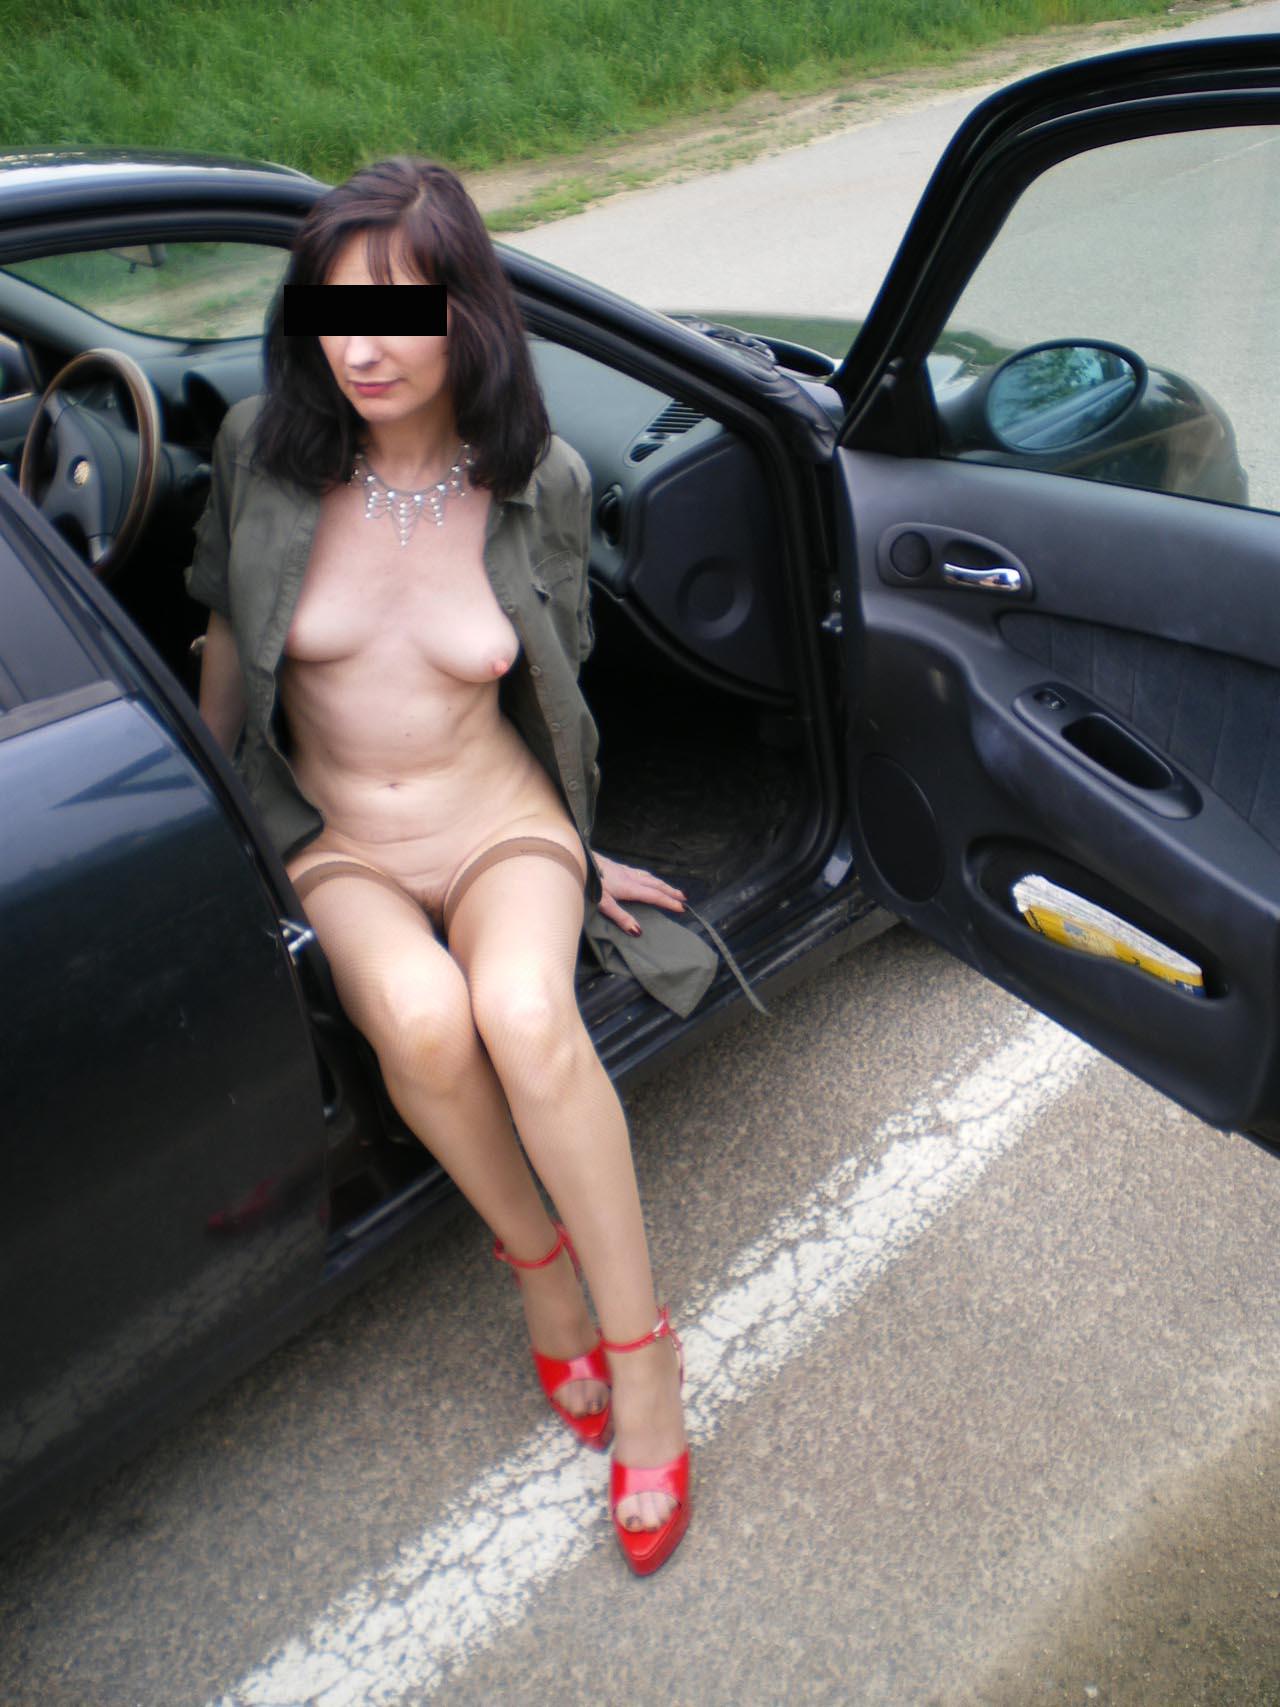 sie sucht ihn bremen sex bdsm nadeln